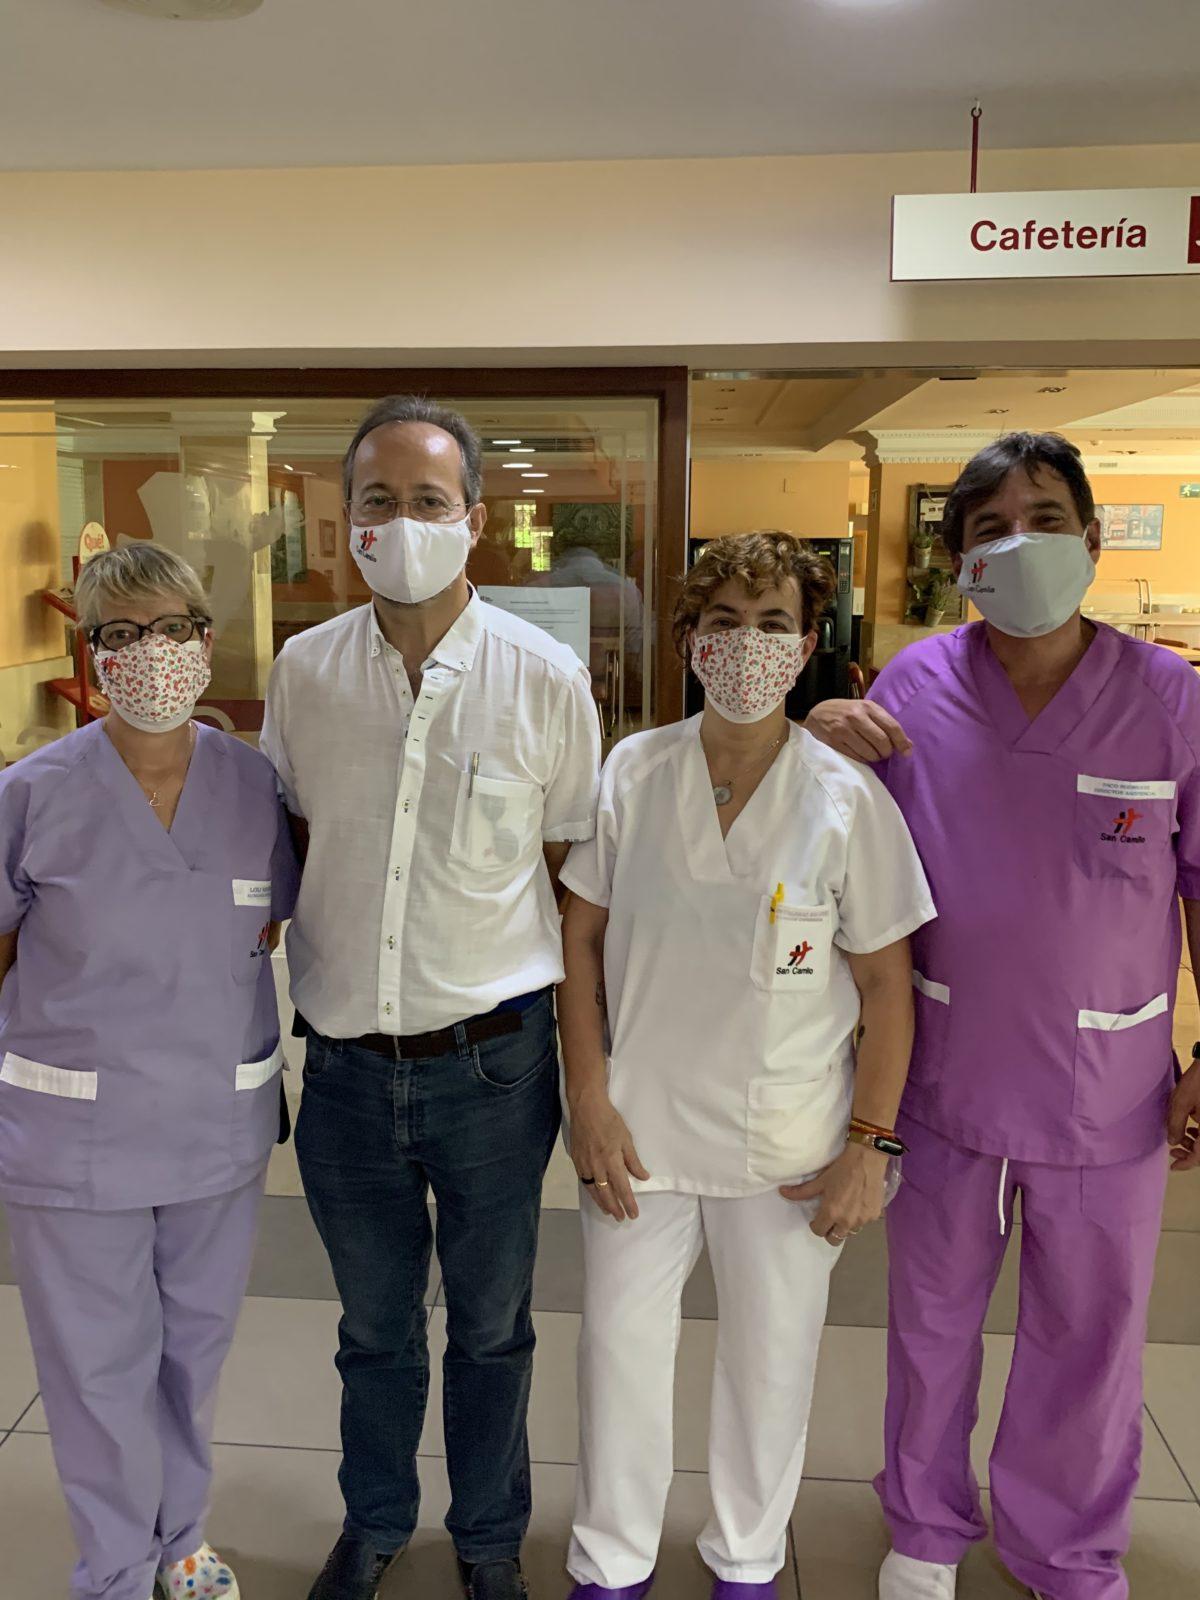 El miedo al contagio quita el sueño a los sanitarios españoles